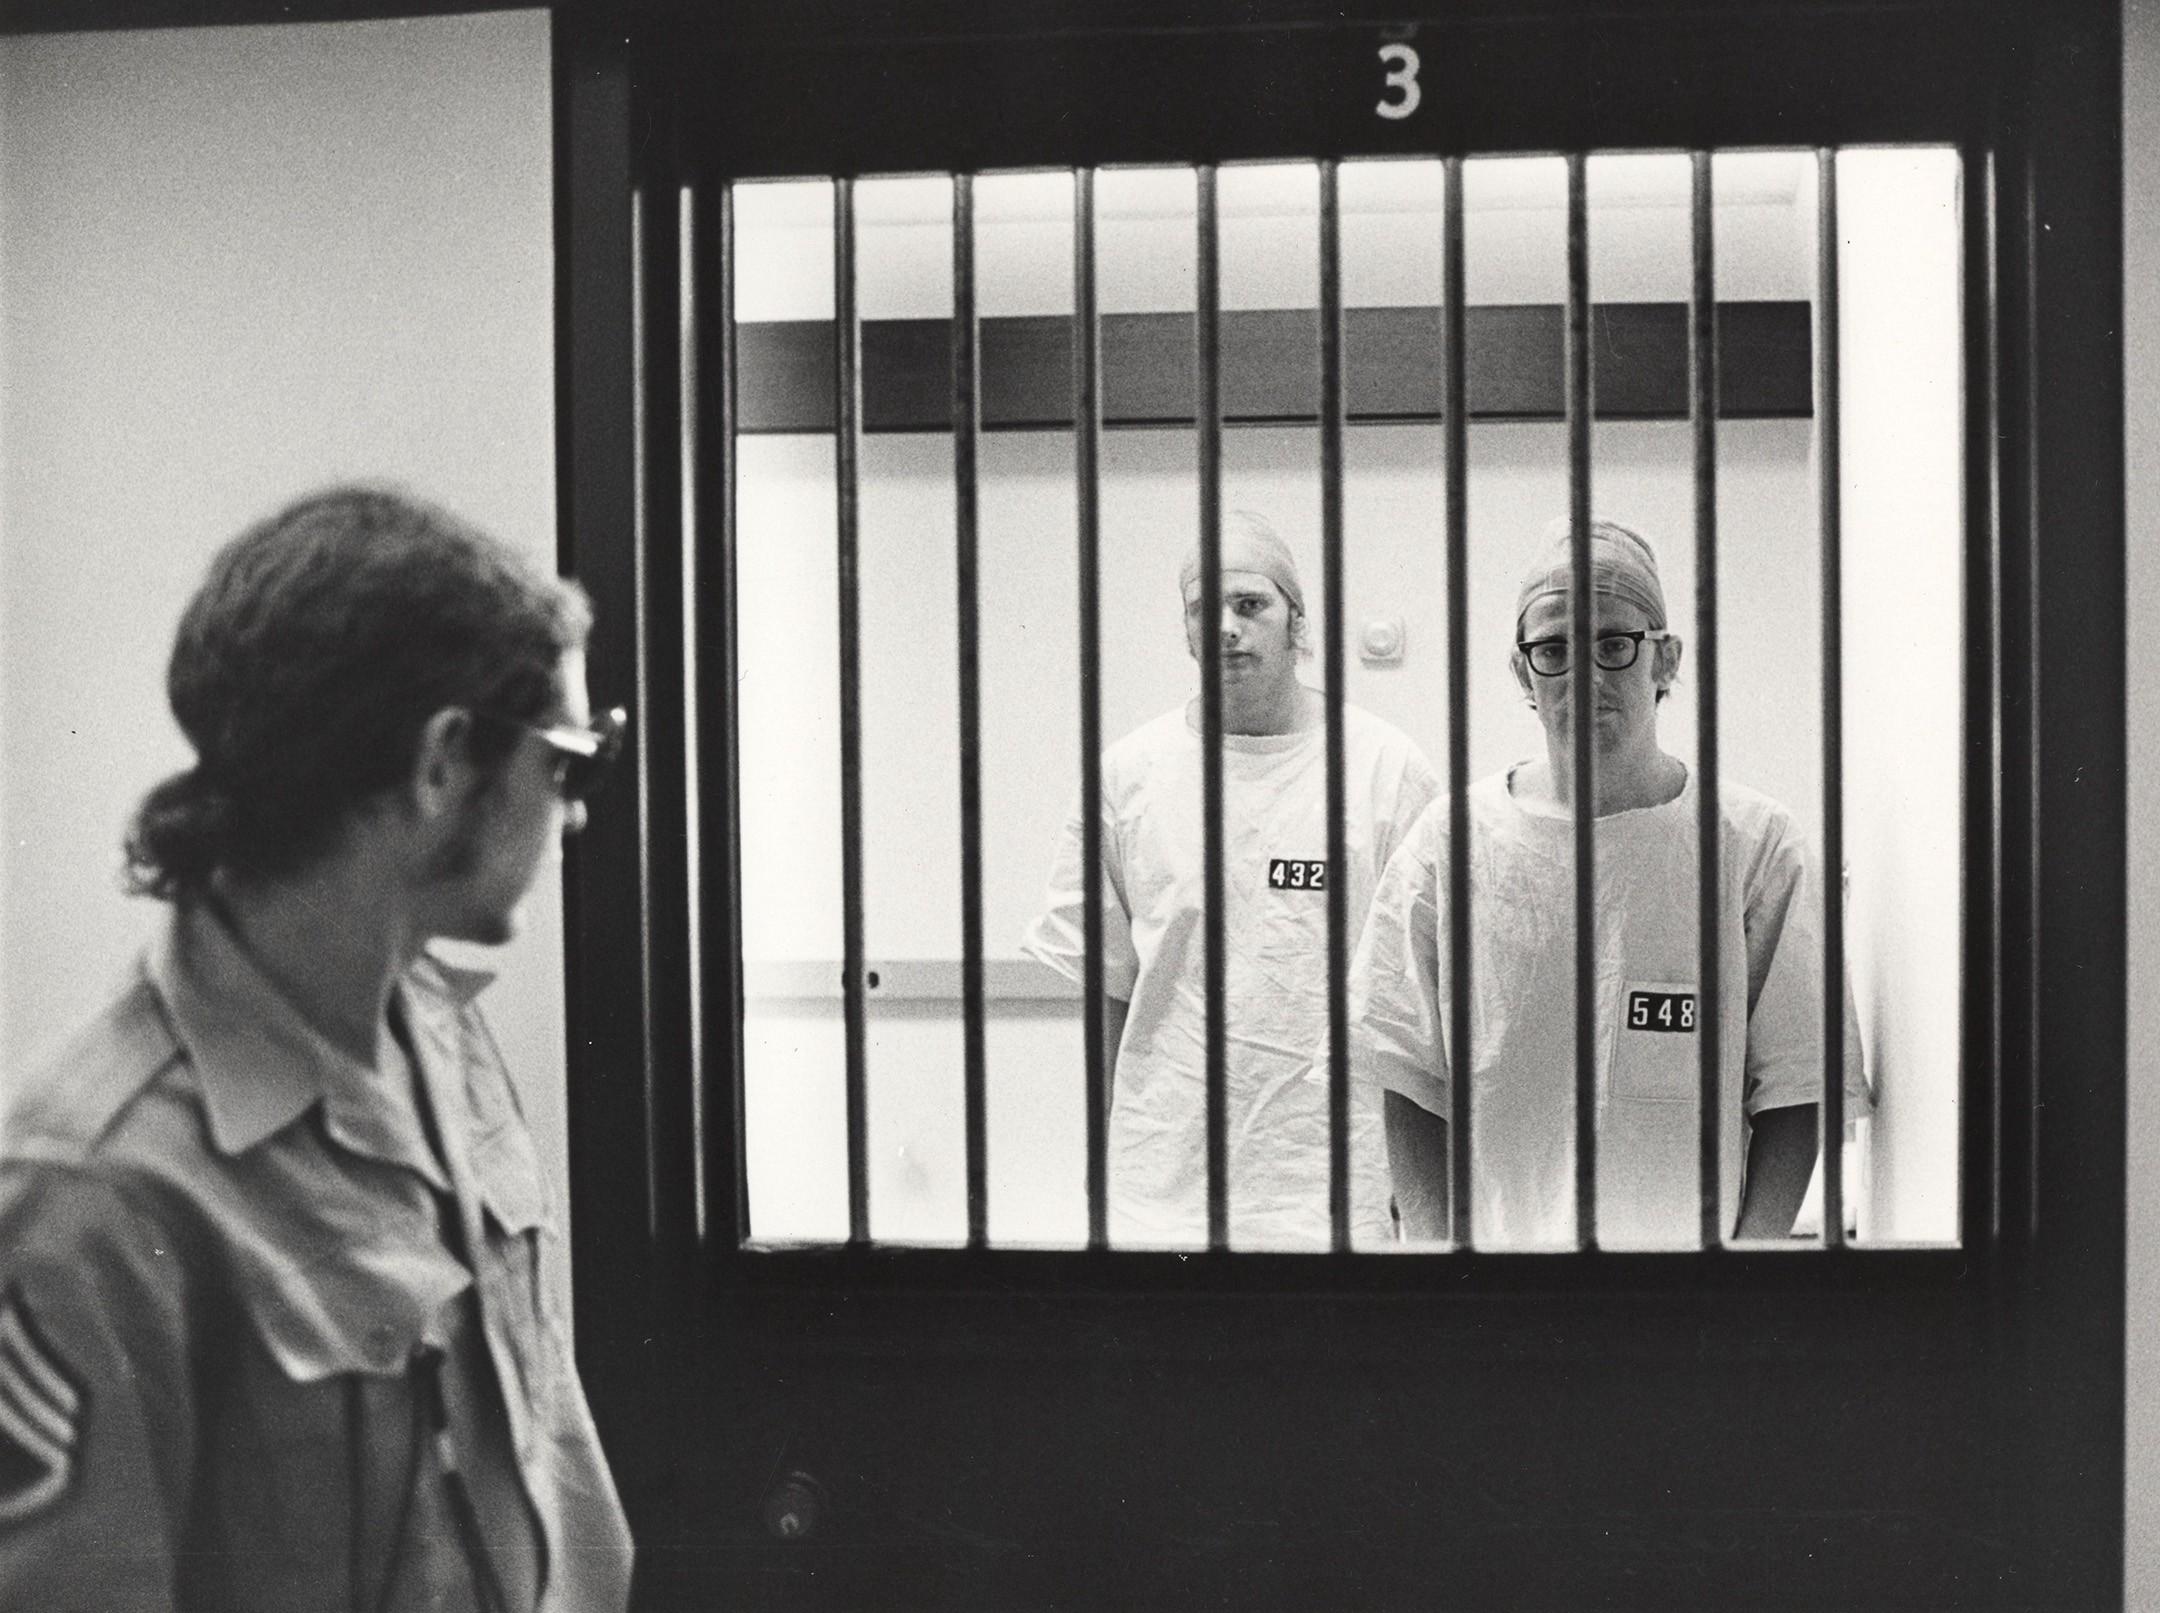 تجربة سجن ستانفورد: عندما يمنح البشر سلطة الطغيان! - تجربة فريدة تمثل دراسةً في علم النفس الاجتماعي انقسم فيها مجموعة من الأفراد إلى سجناء وسجانين